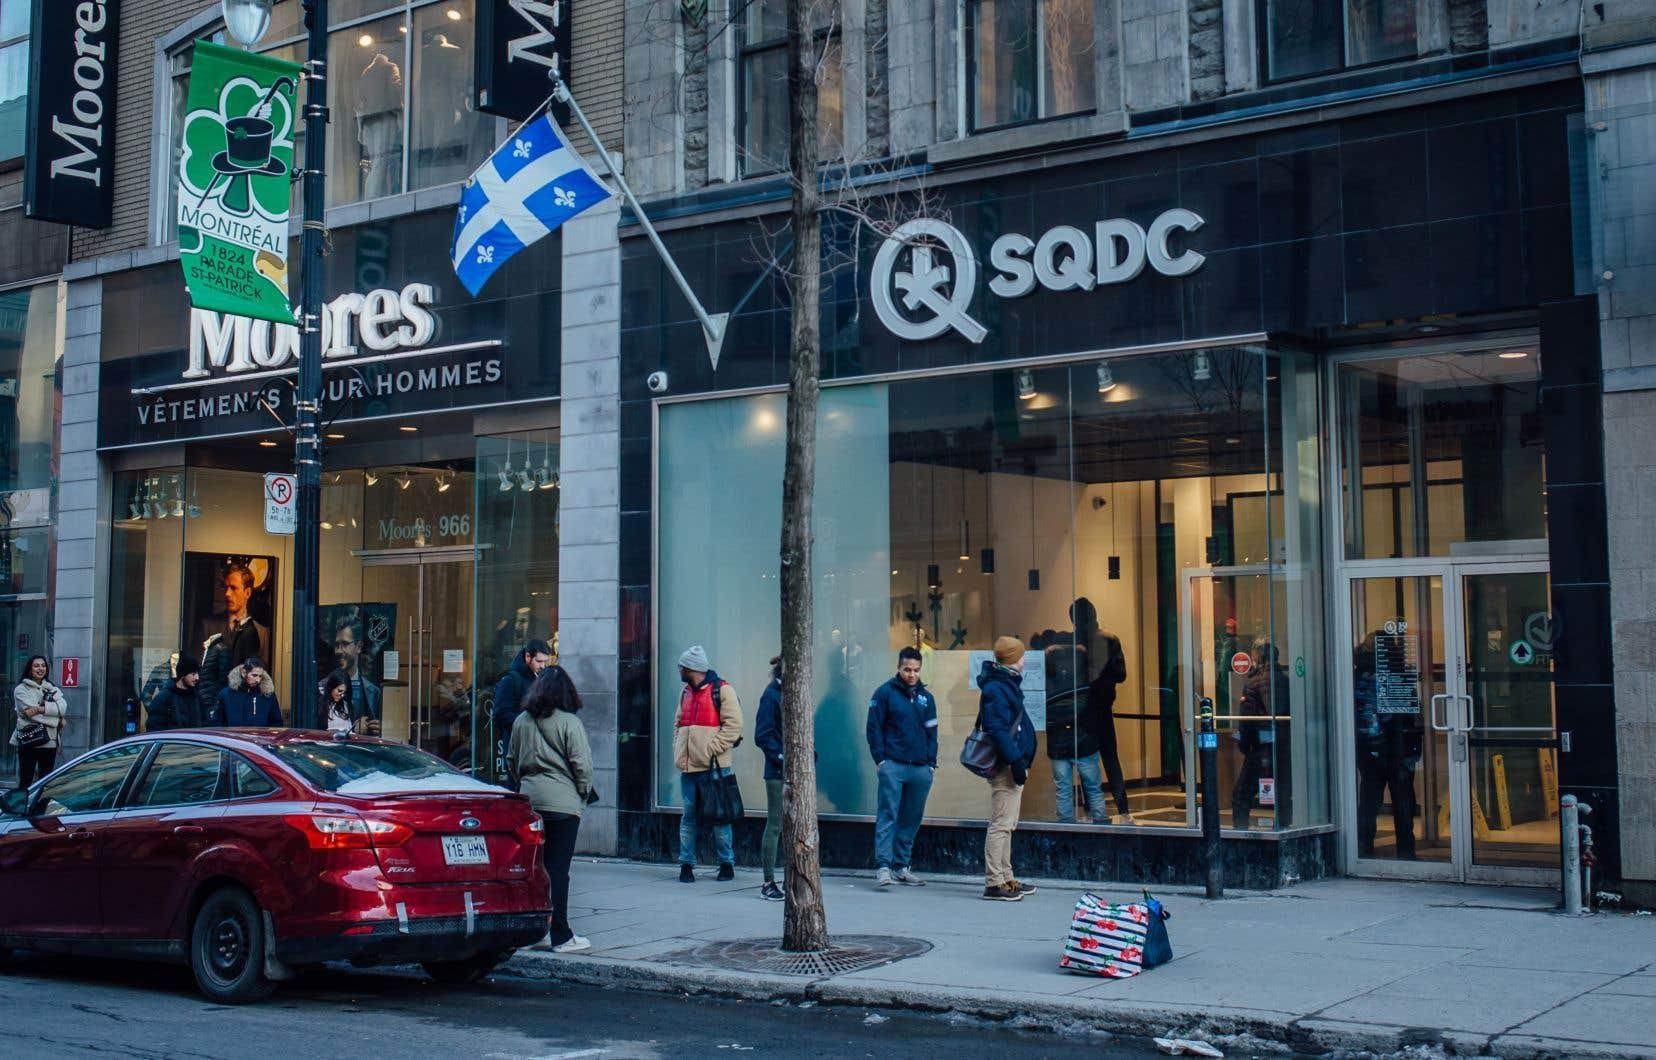 <p>La SQDC évalue sa part de marché en estimant qu'il se consomme environ 150millions de grammes de marijuana en une année au Québec.</p>